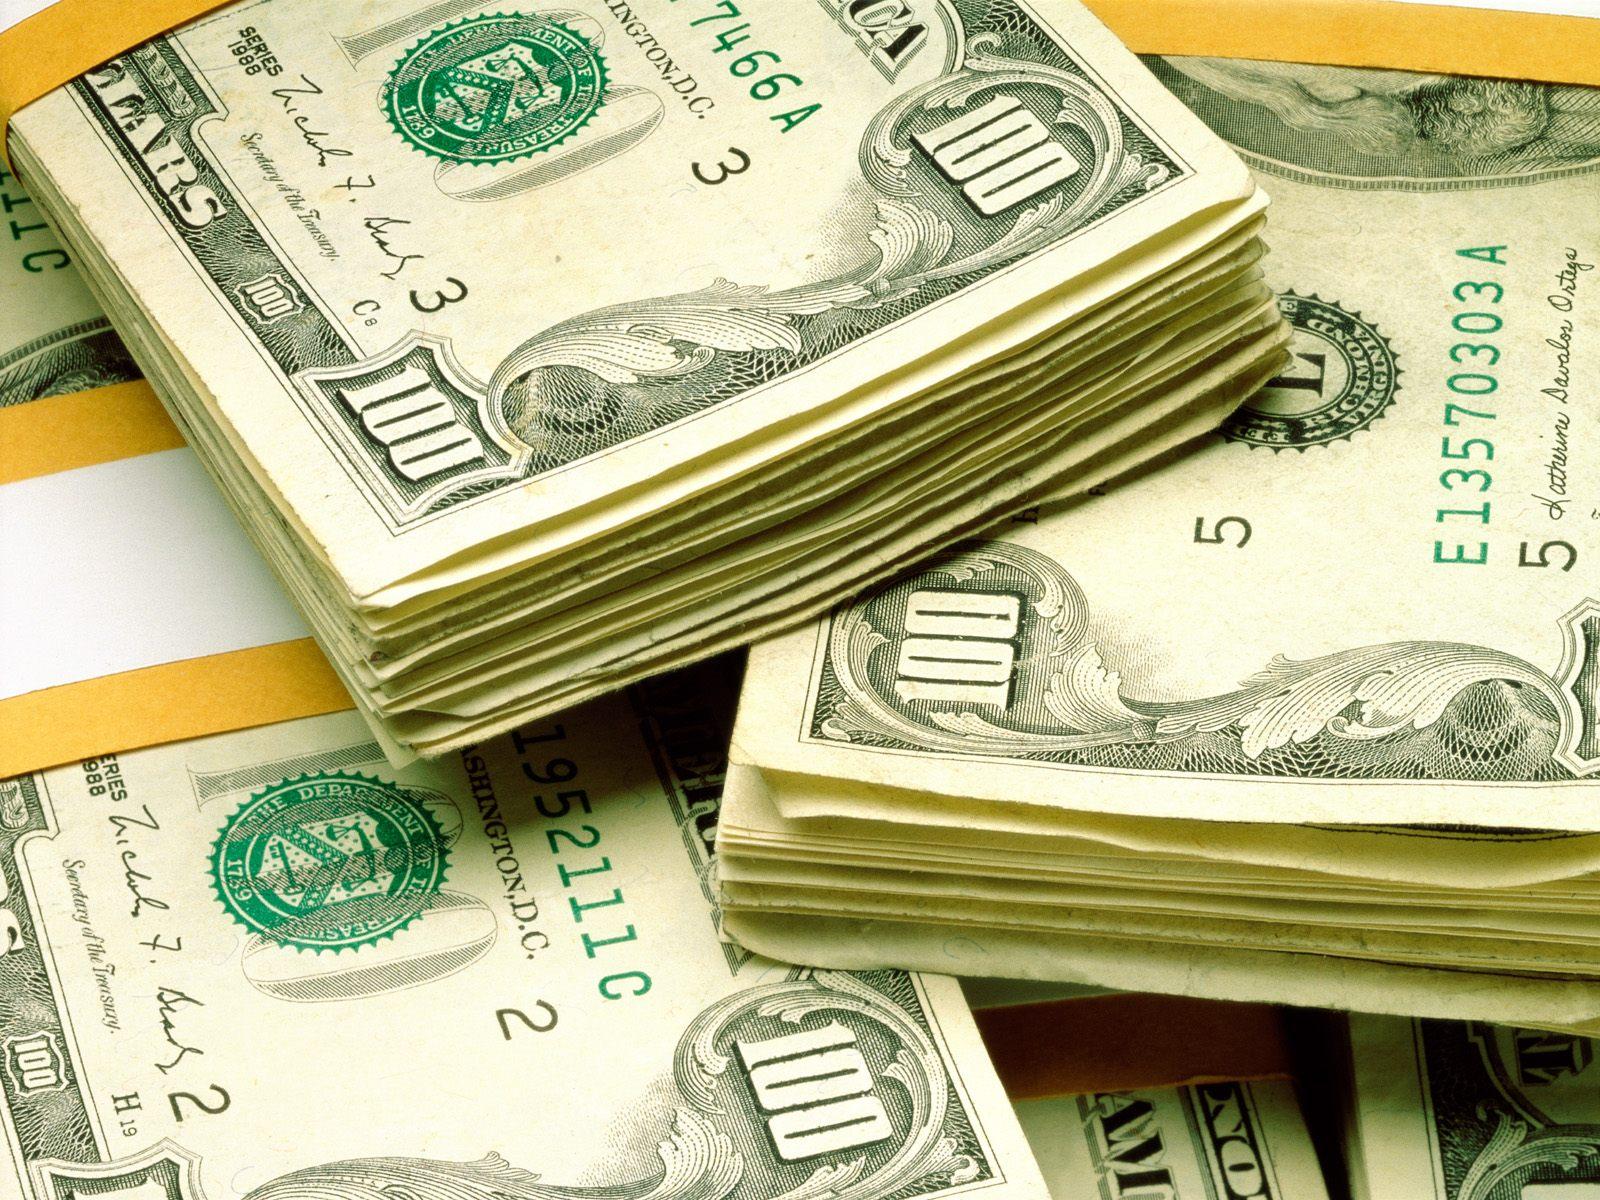 Деньги картинки деньги деньги деньги